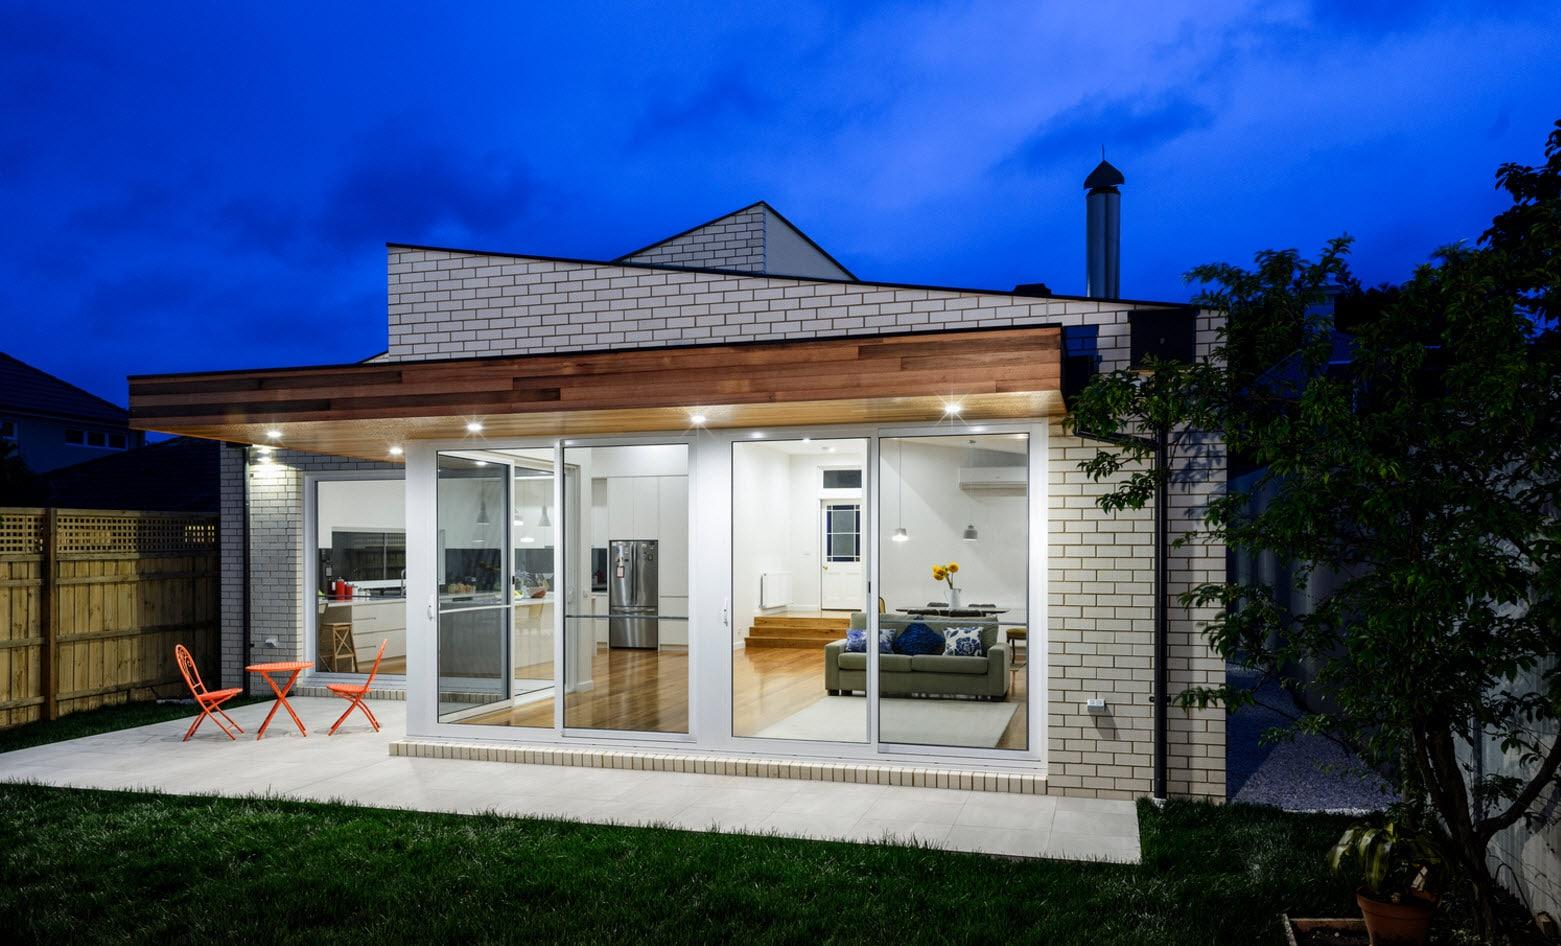 Dise o de casa moderna de un piso planos y fachadas - Disenos casas de madera ...